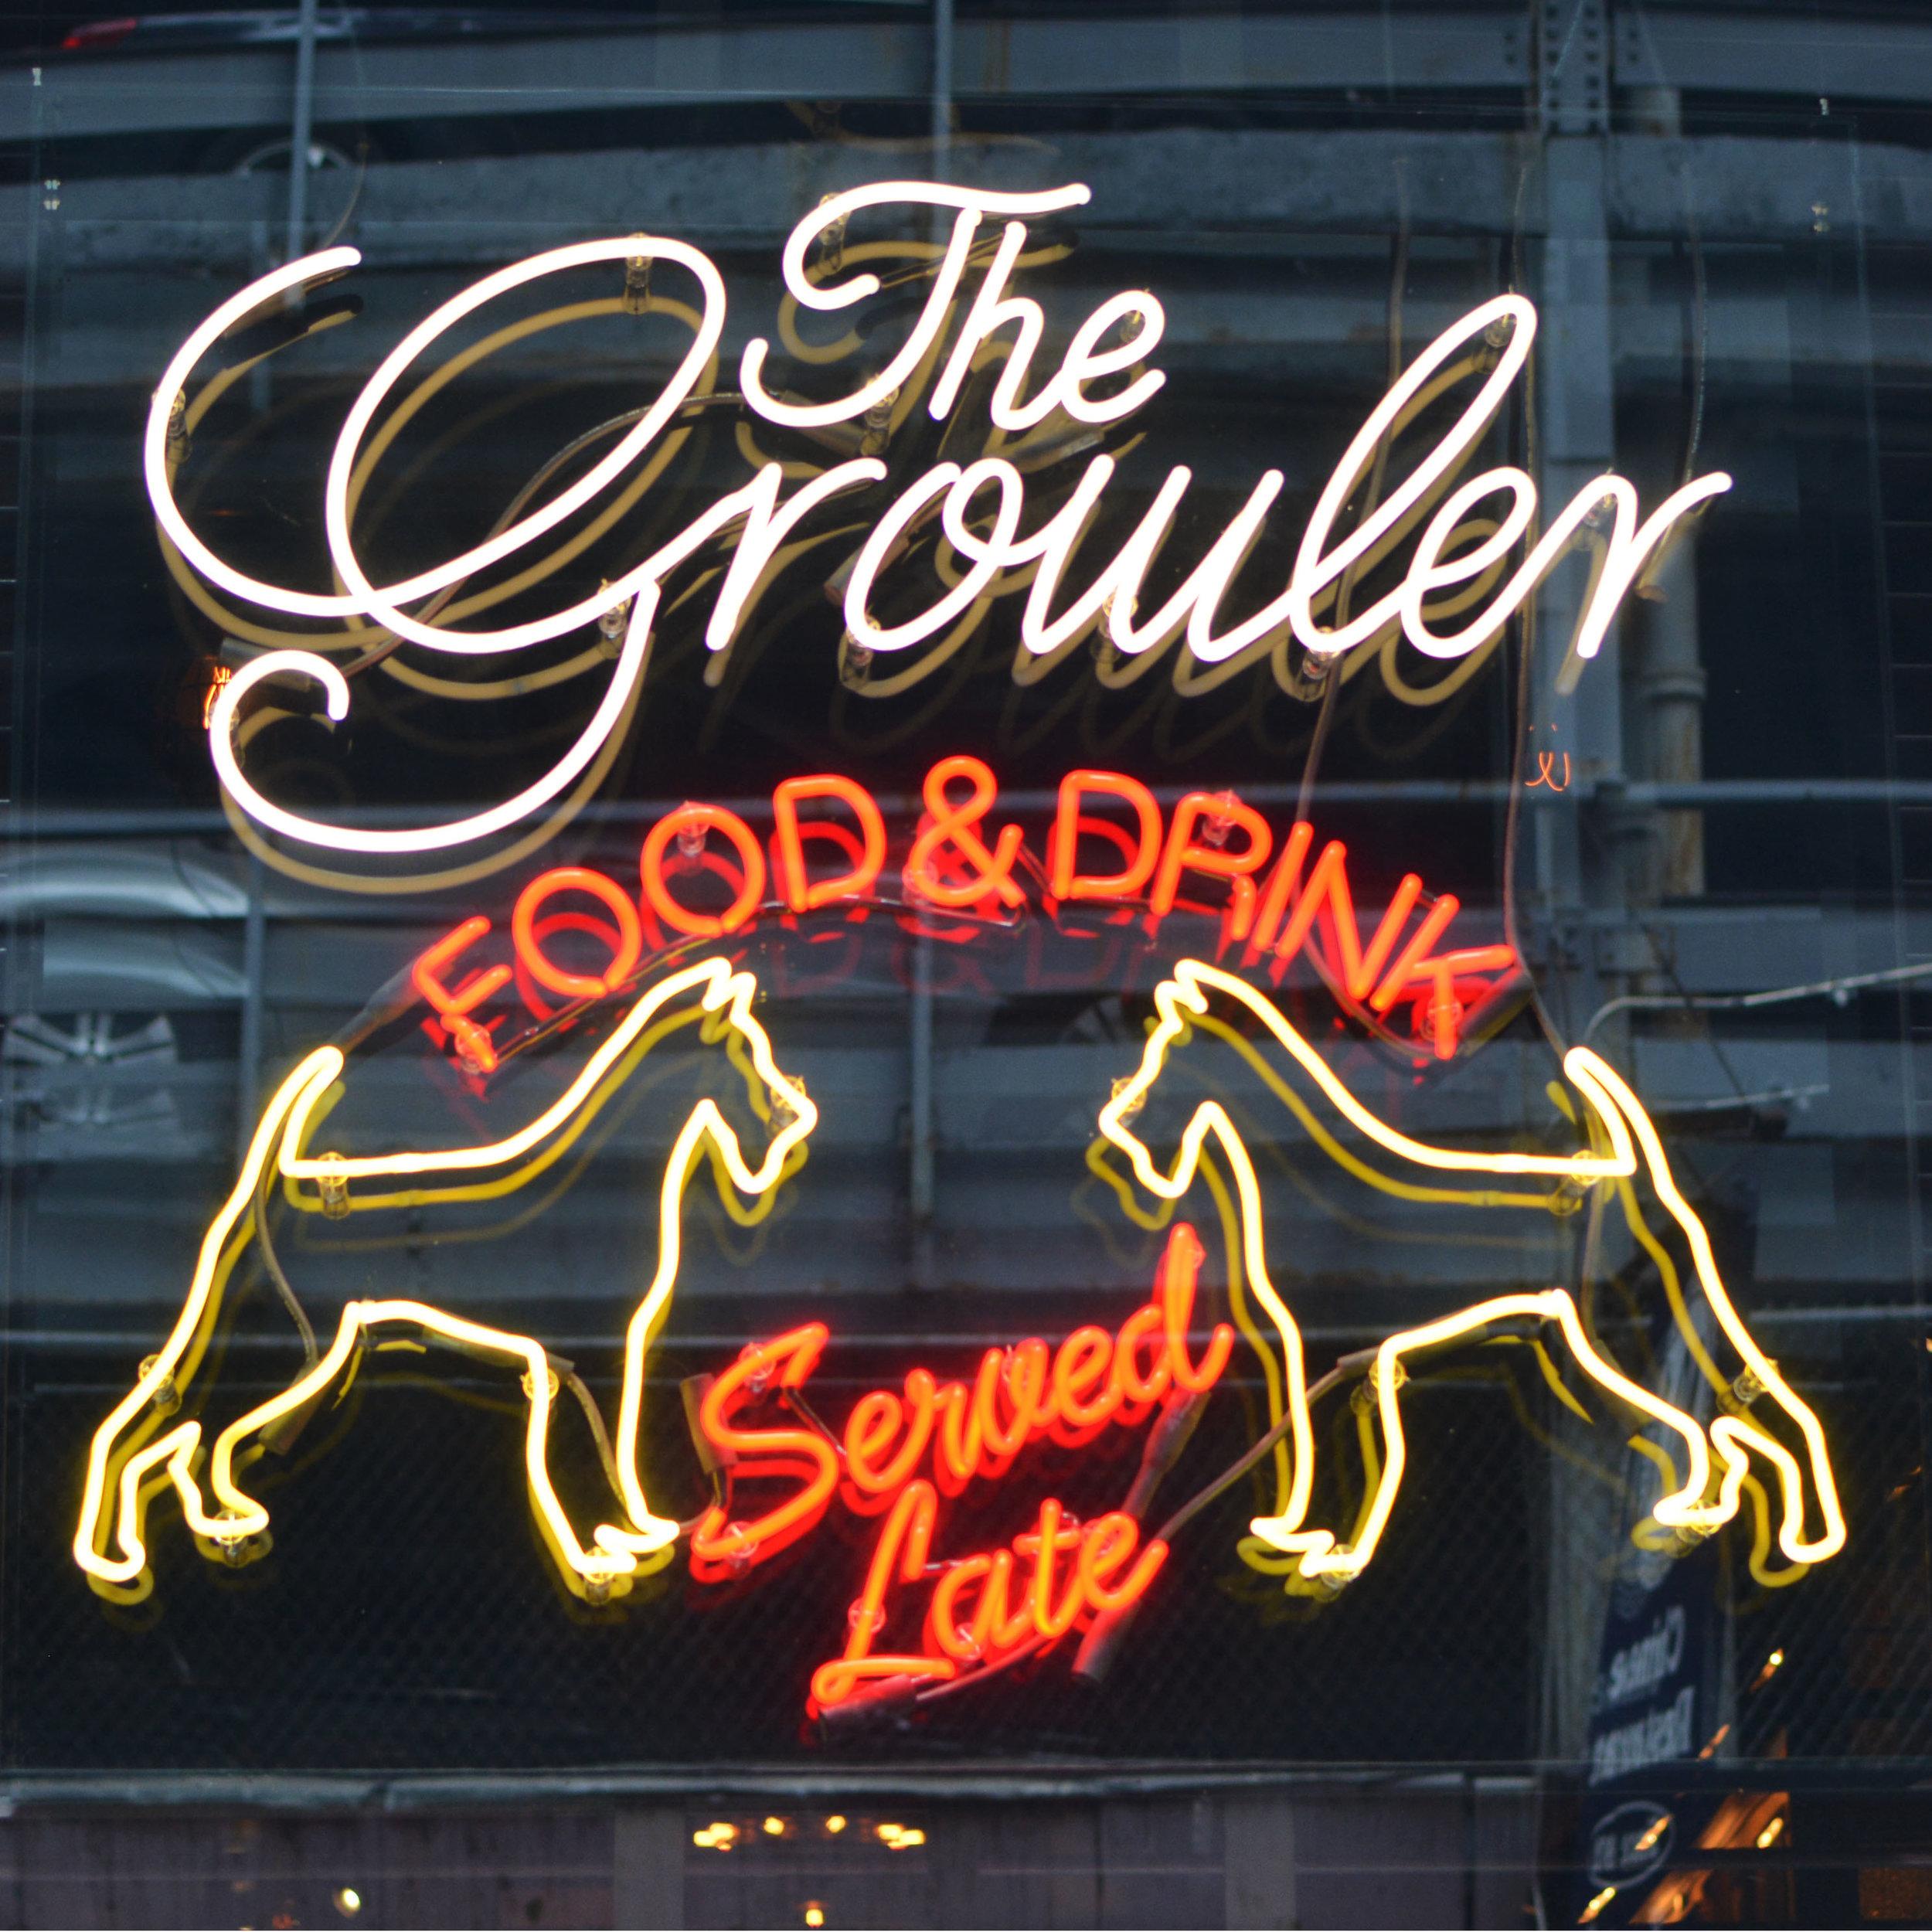 growler-square-crop-nyc.jpg